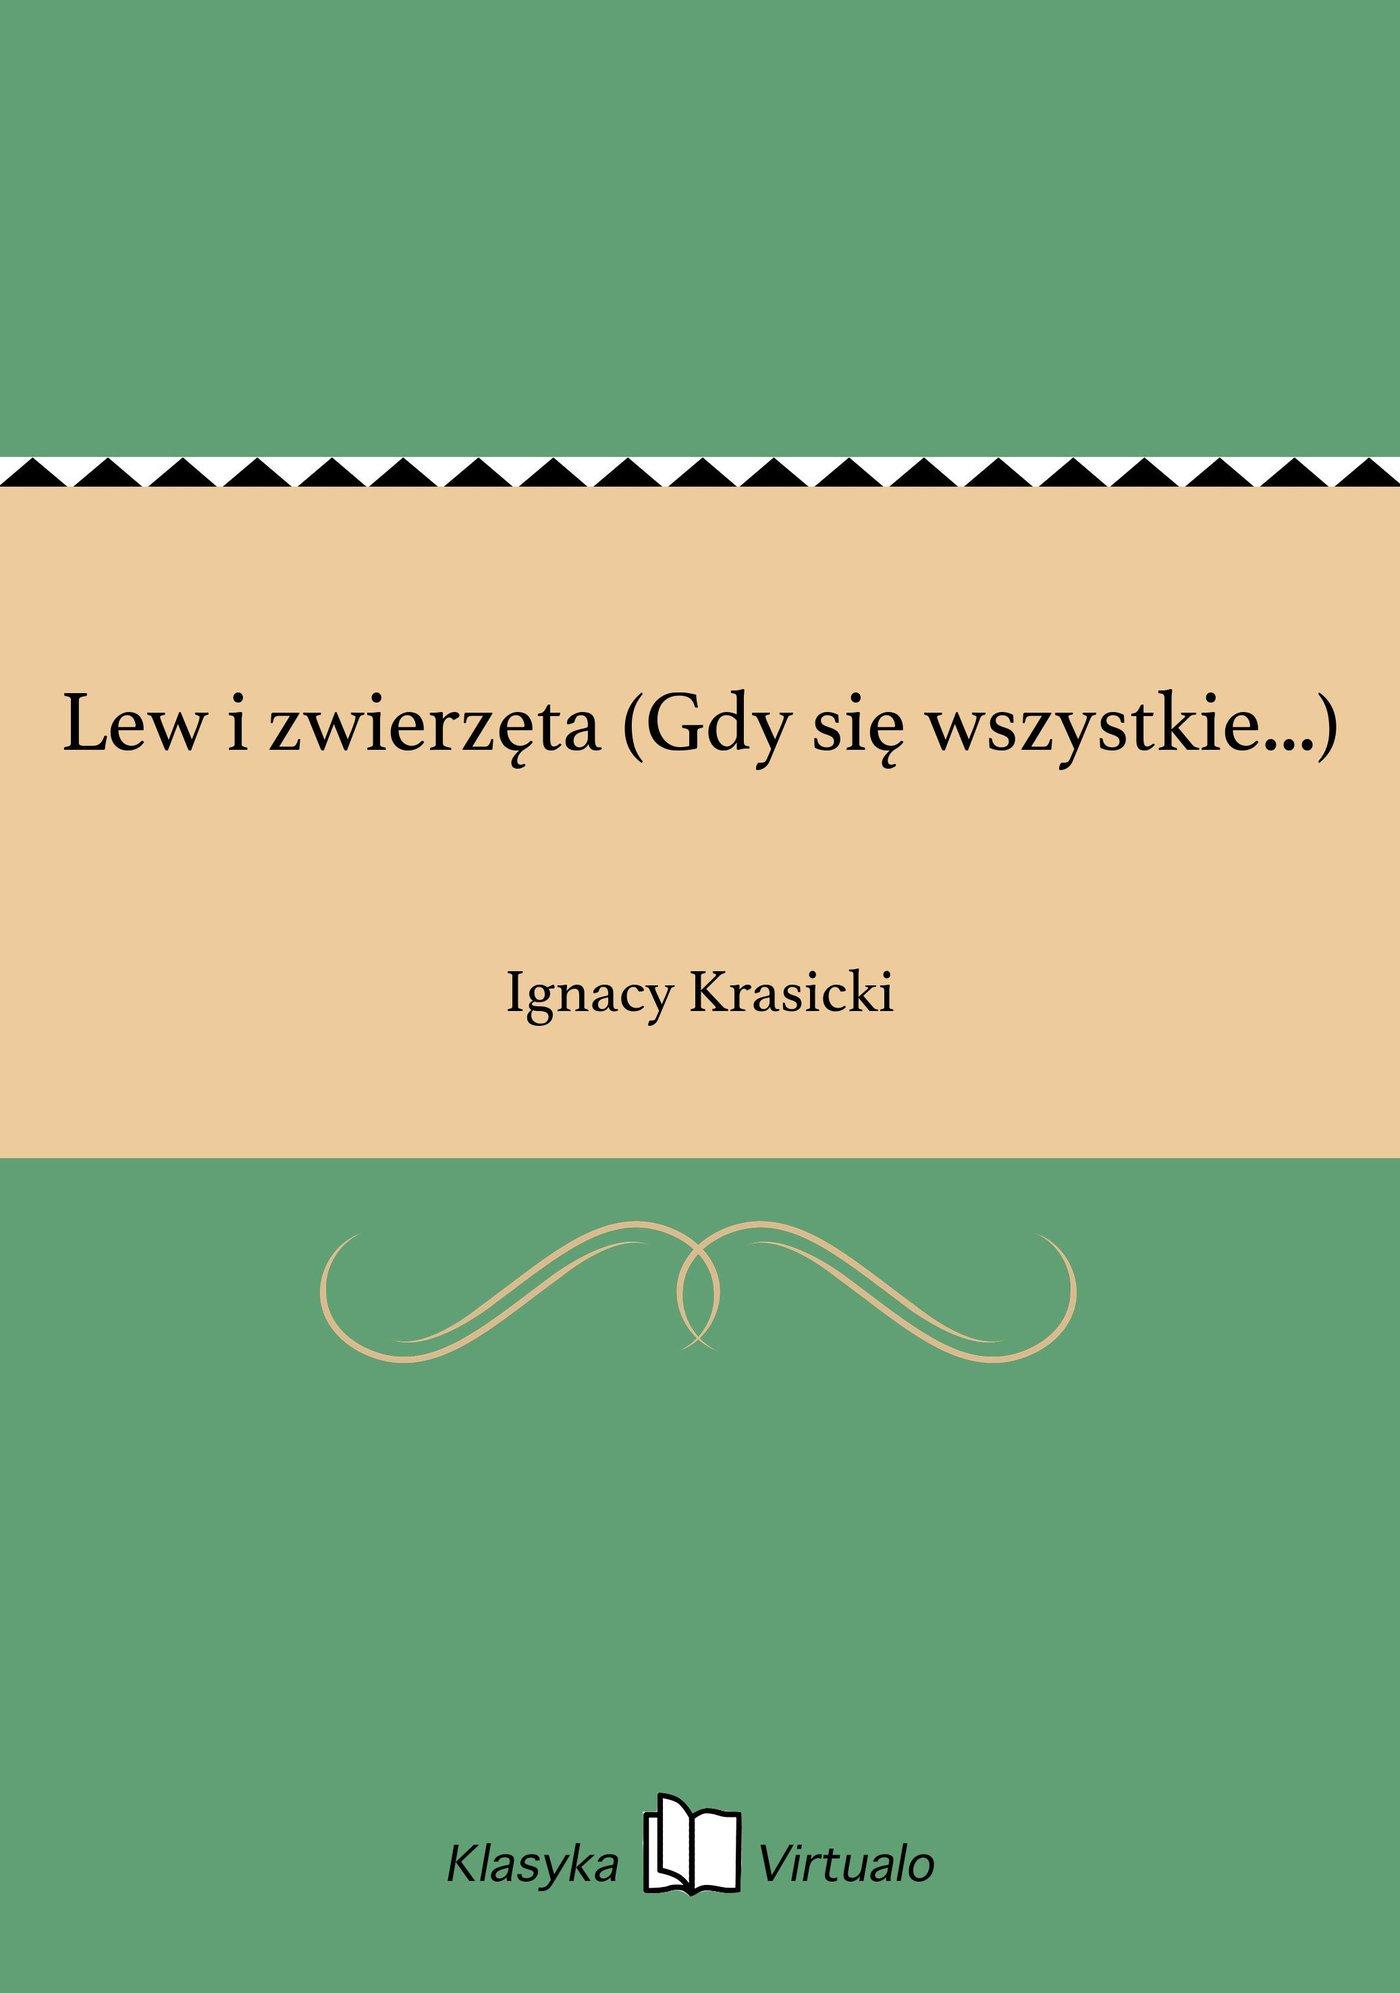 Lew i zwierzęta (Gdy się wszystkie...) - Ebook (Książka EPUB) do pobrania w formacie EPUB